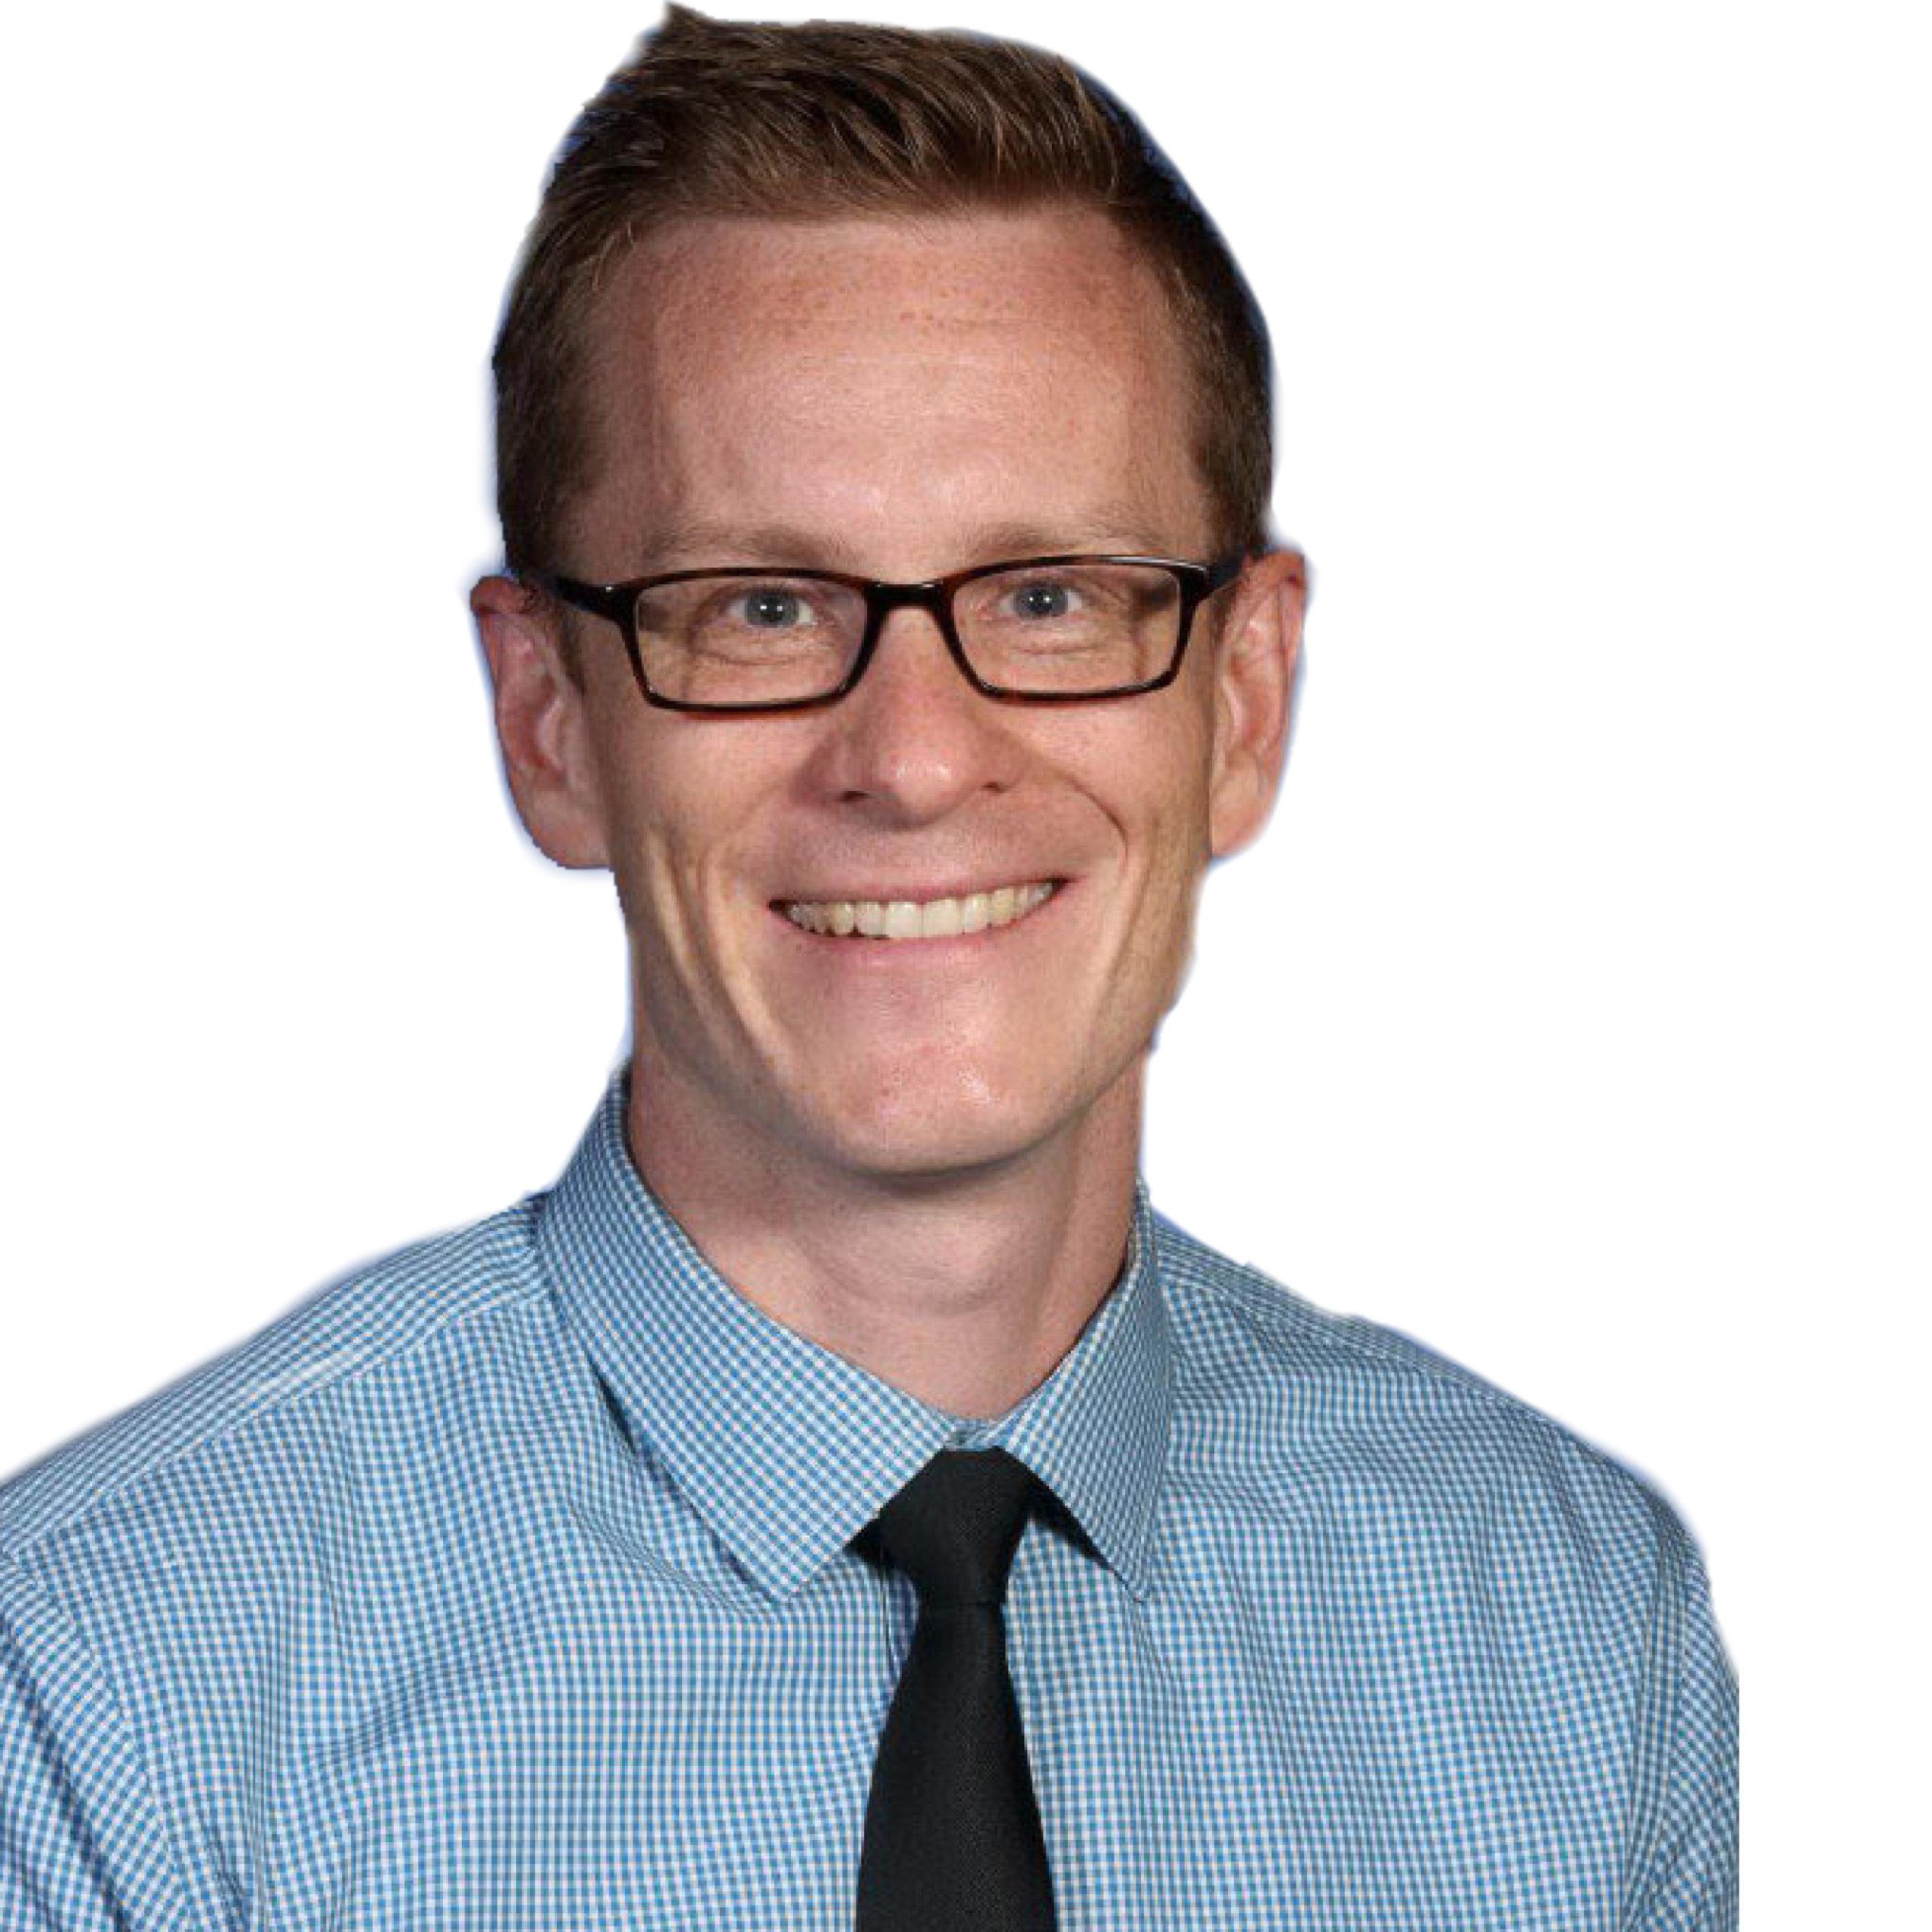 Jonathan_Redeker_Goshen - Jonathan Redeker